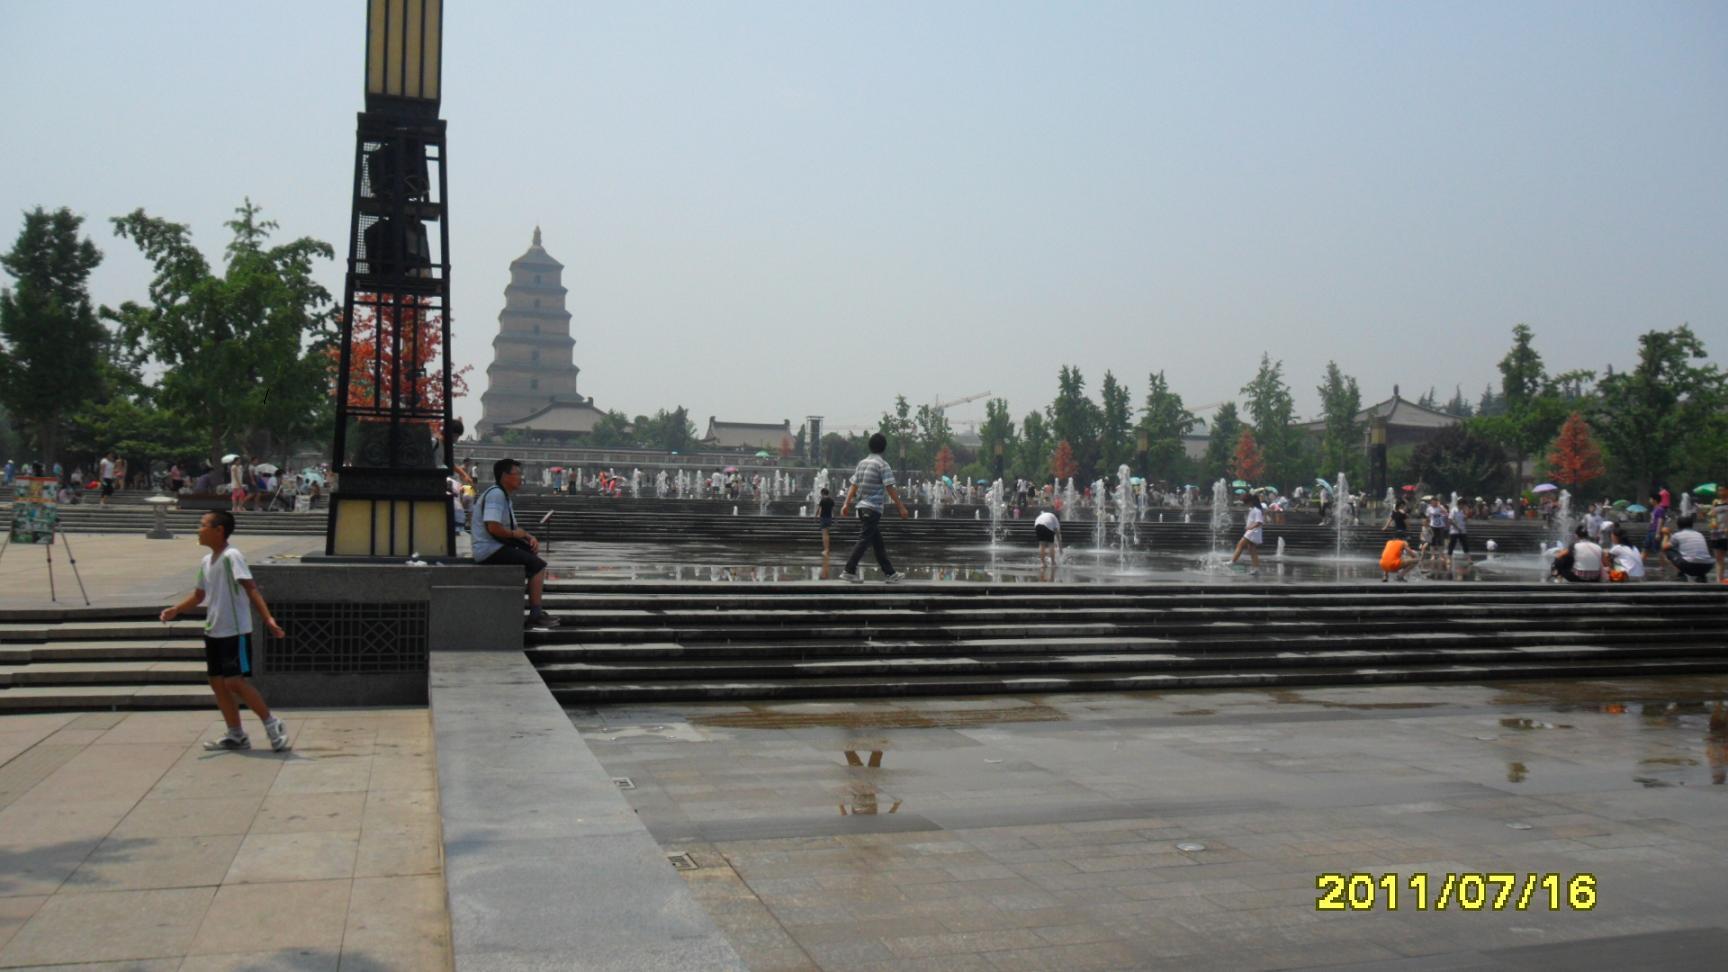 大雁塔及大慈恩寺是唐僧曾经讲经的地方